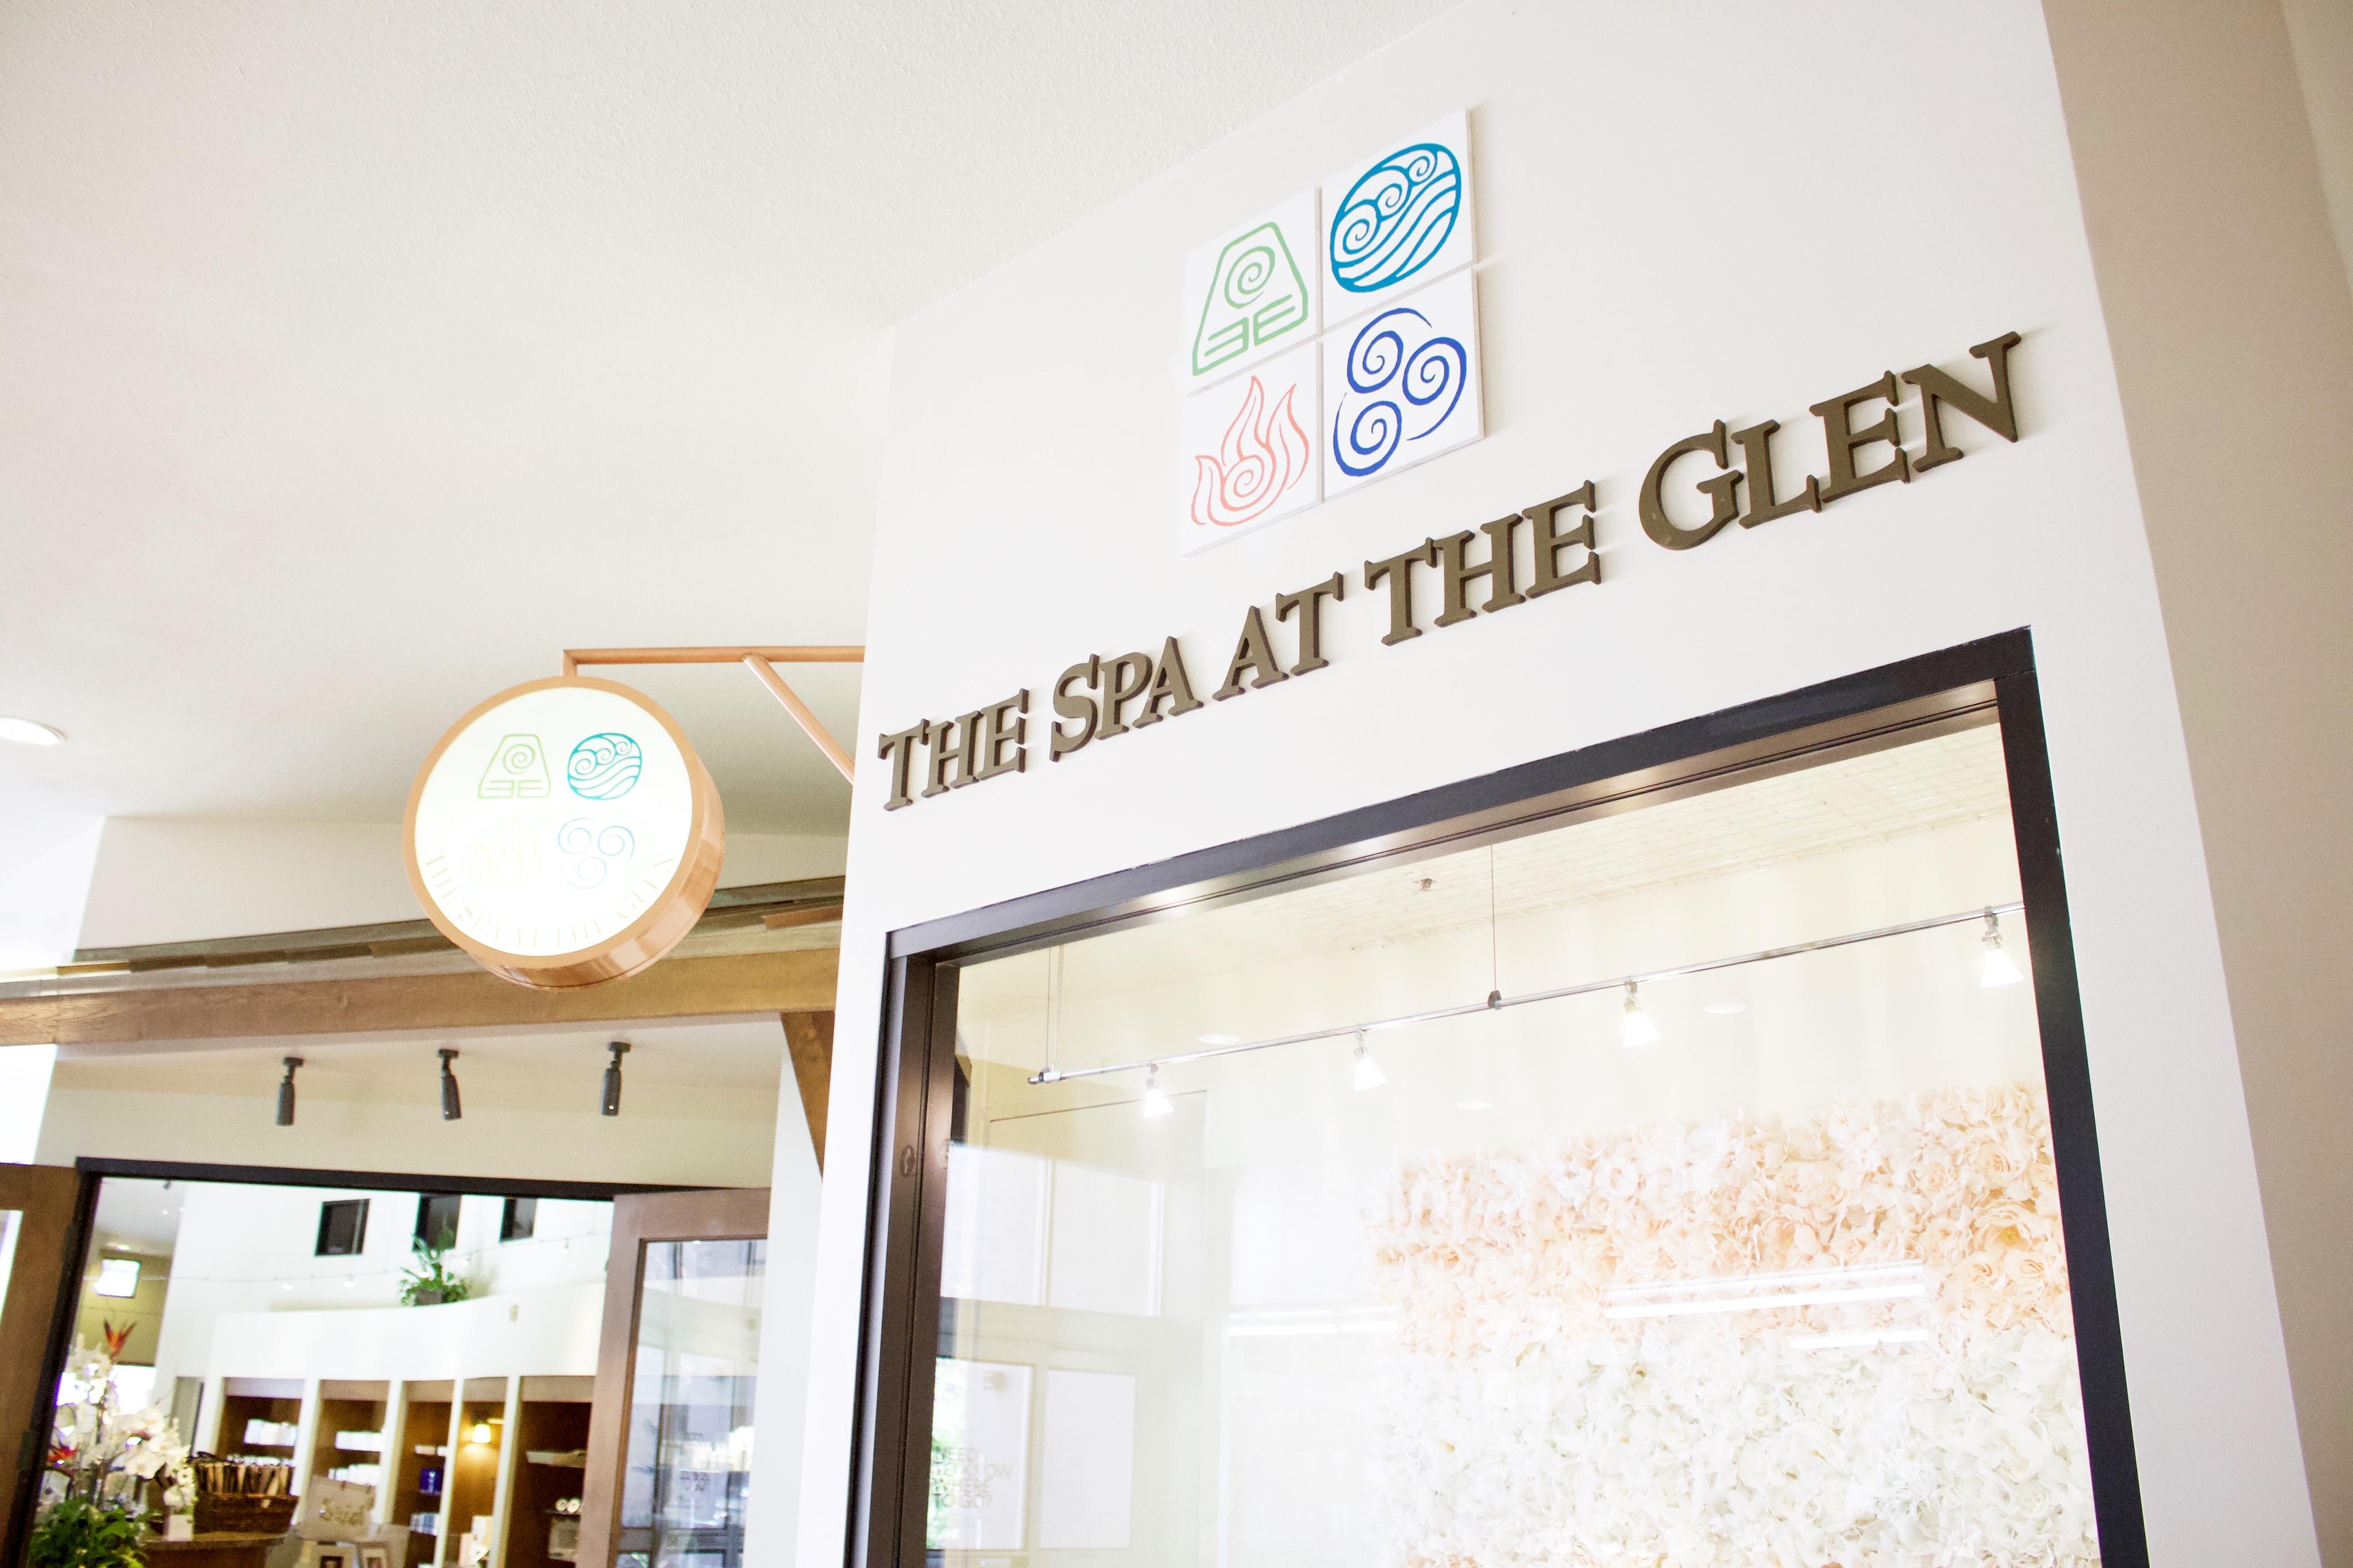 The Spa at the Glen Brea Mall